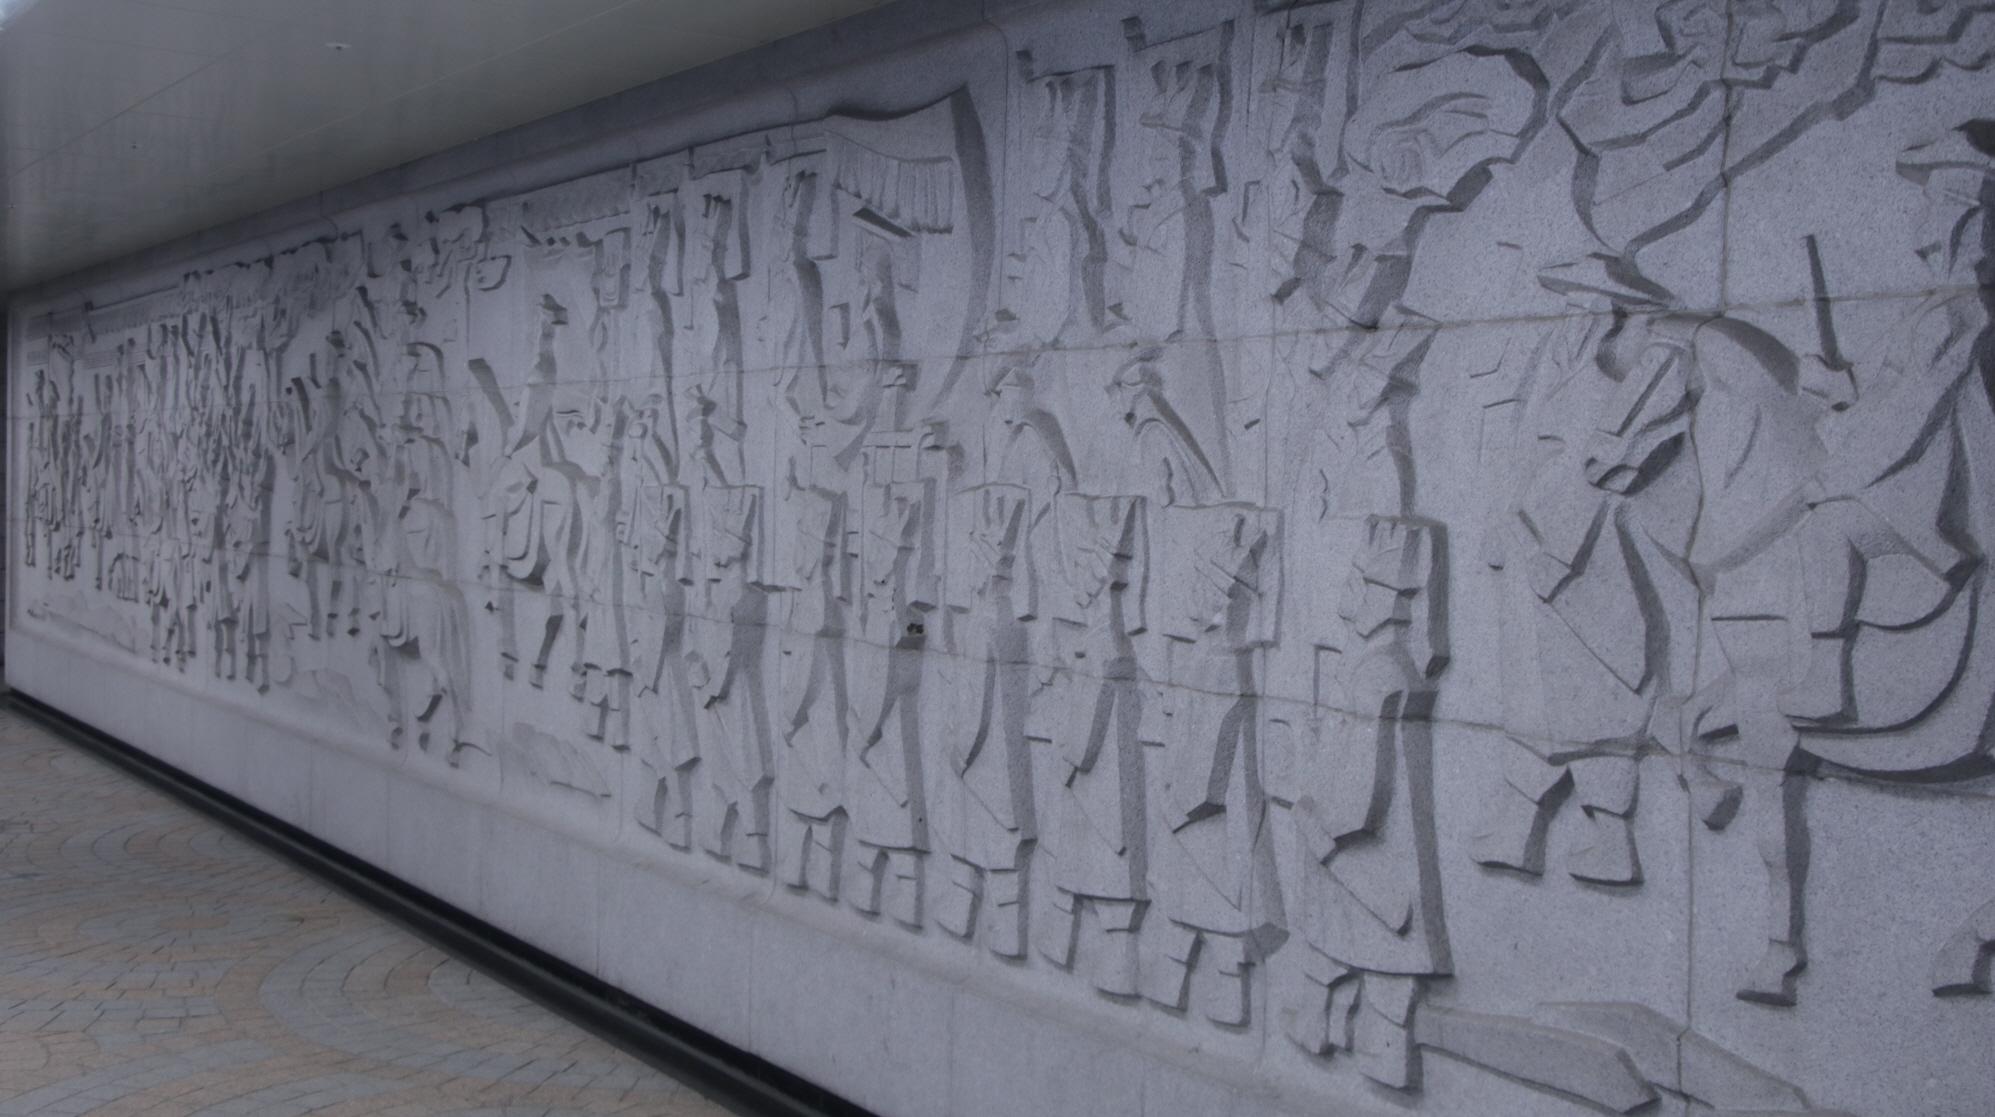 지하철 경복궁 역사(조각1)